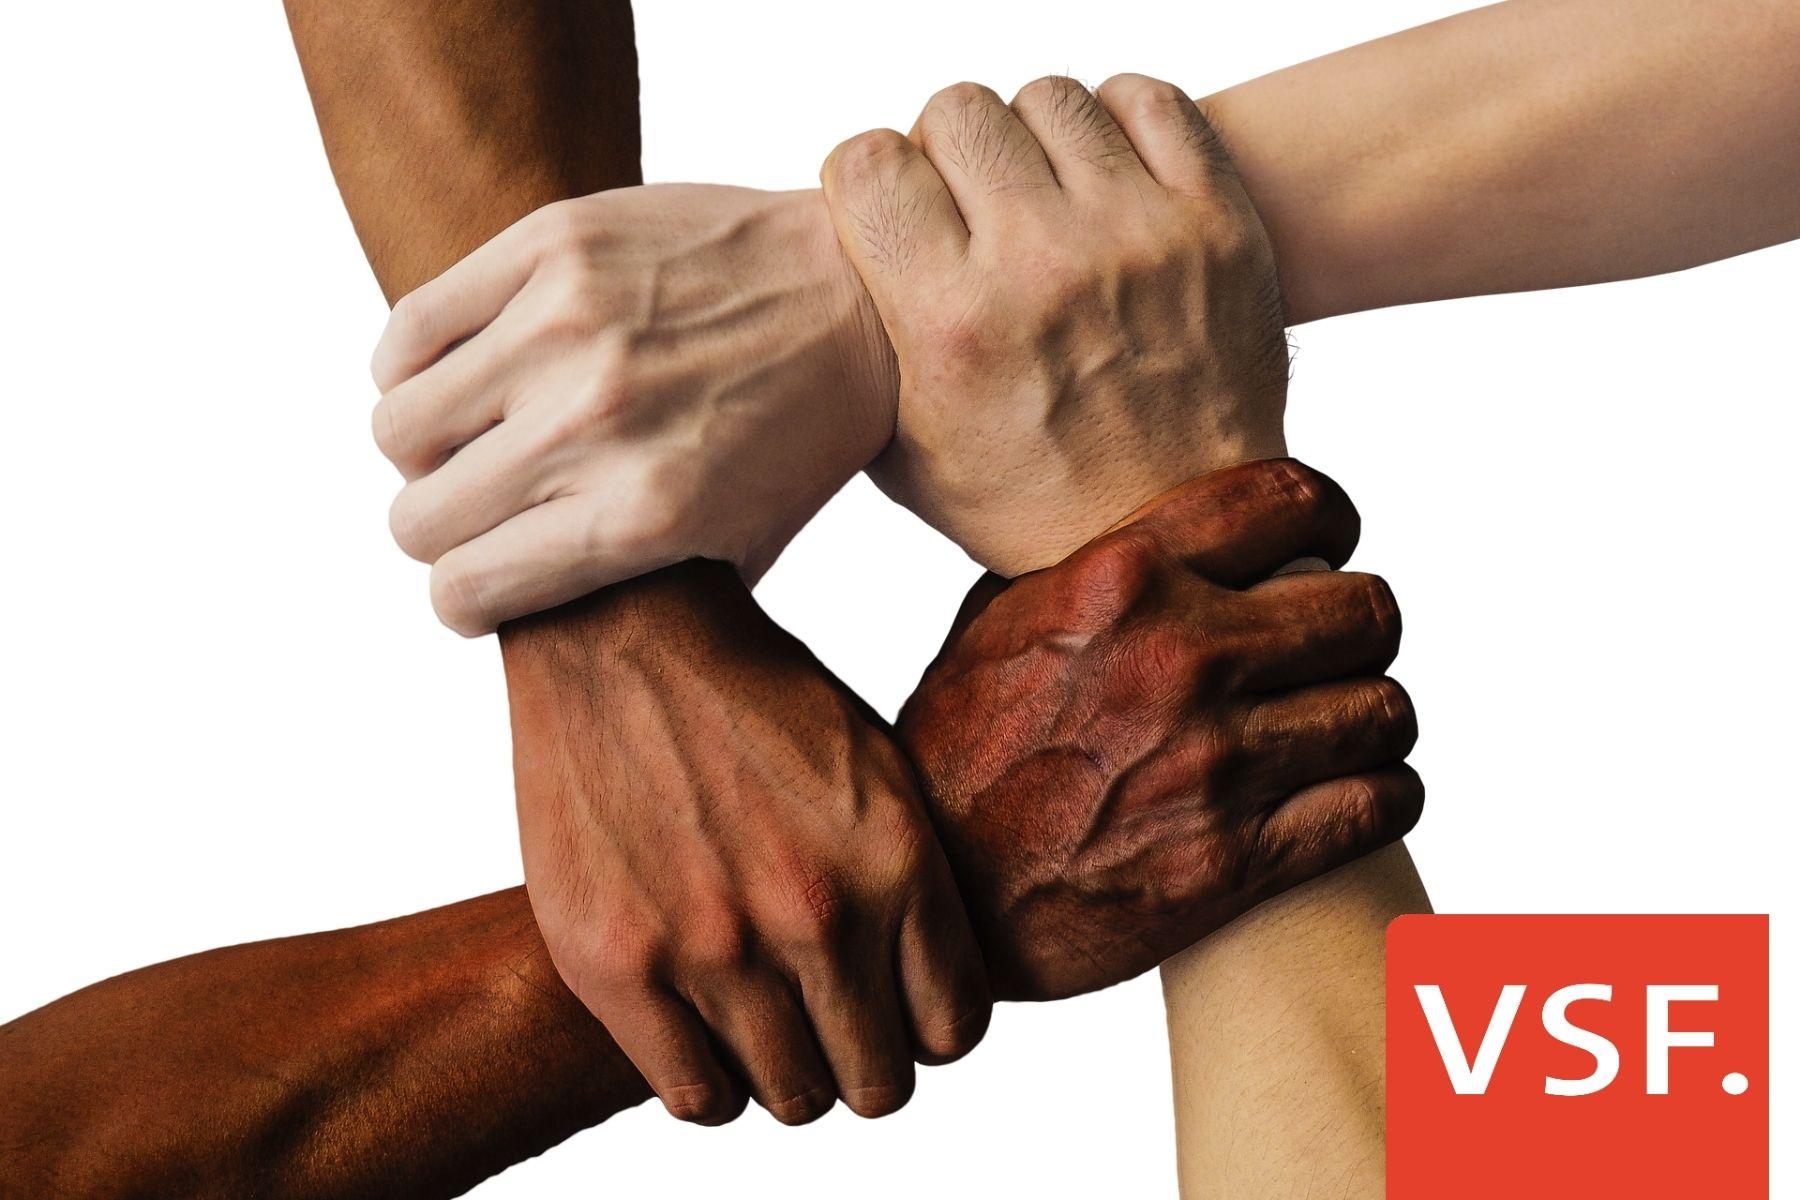 VSF begrüßt seine Neuzugänge im Verband